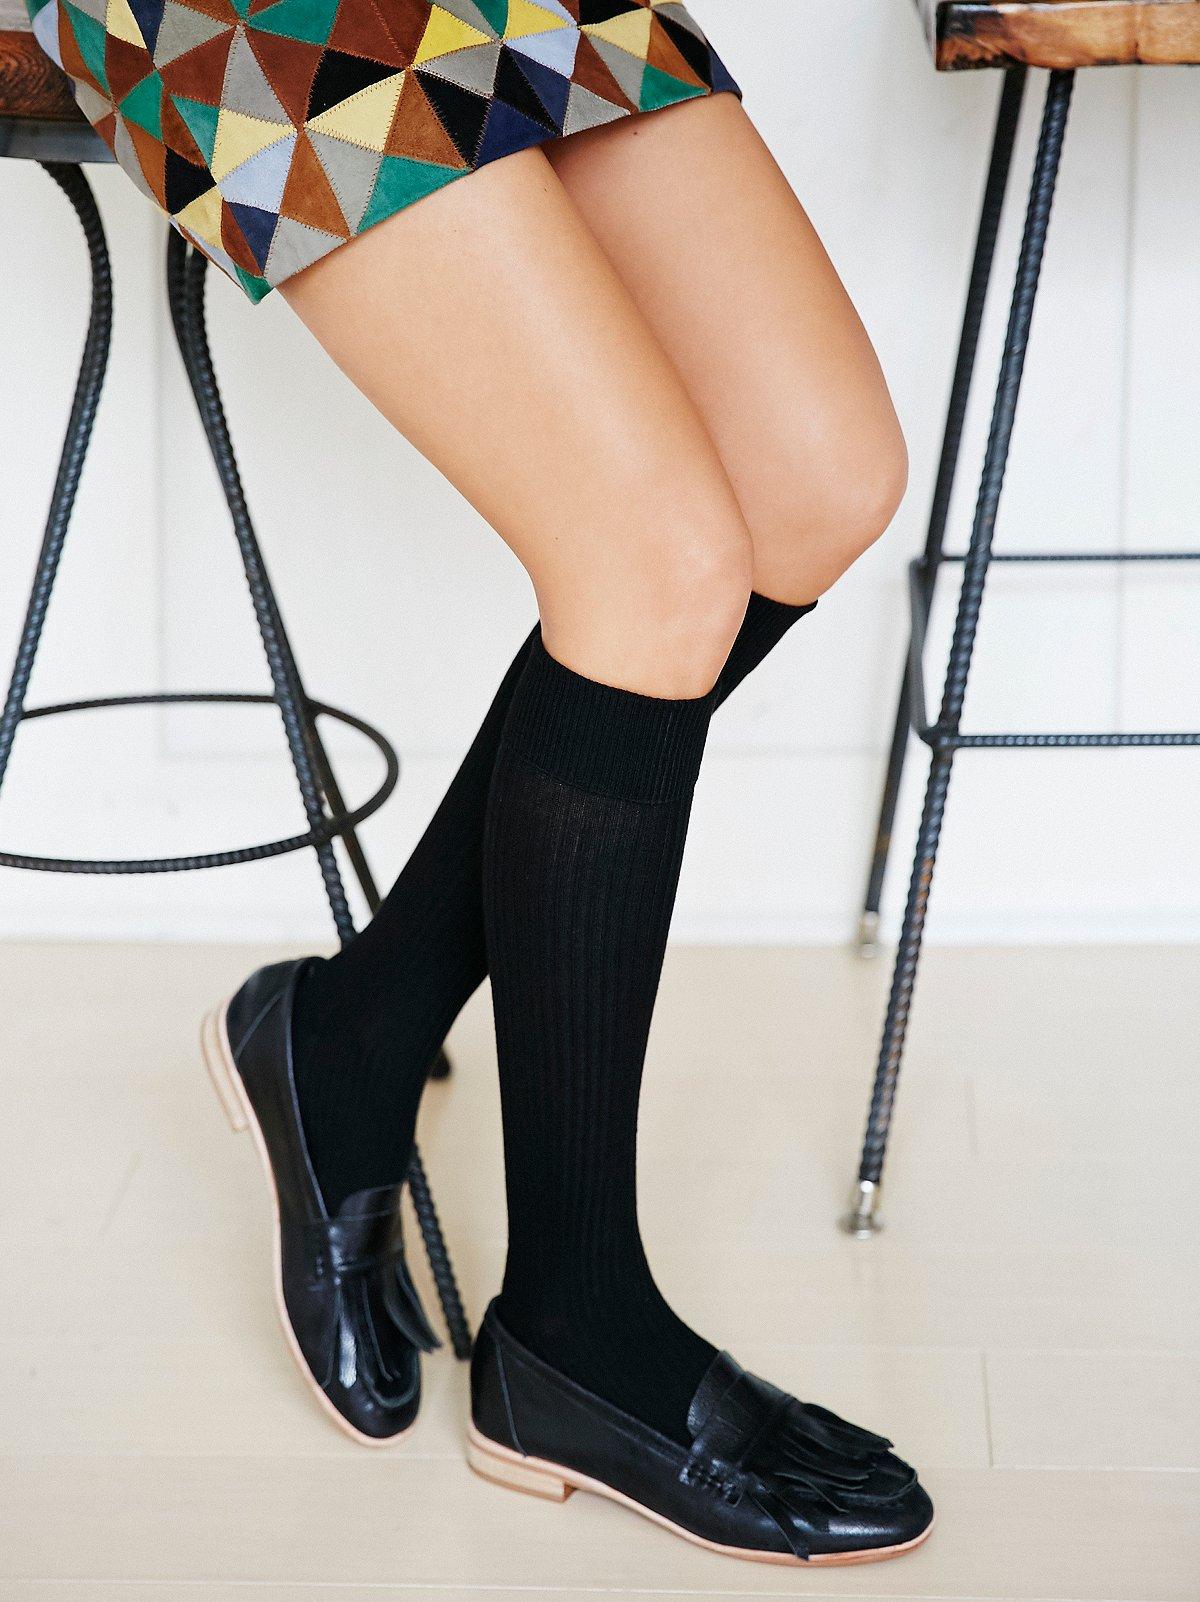 Bellevue Knee High Sock